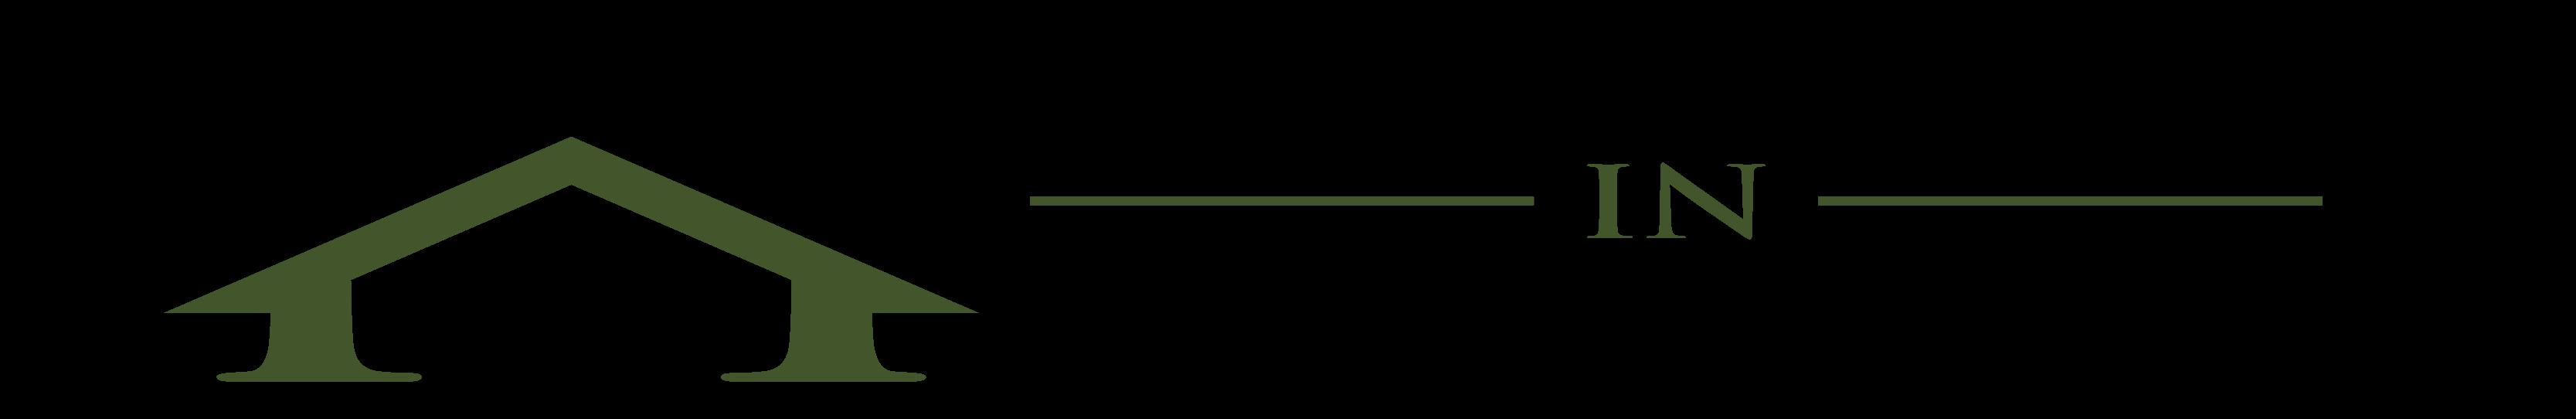 rectangular logo centered